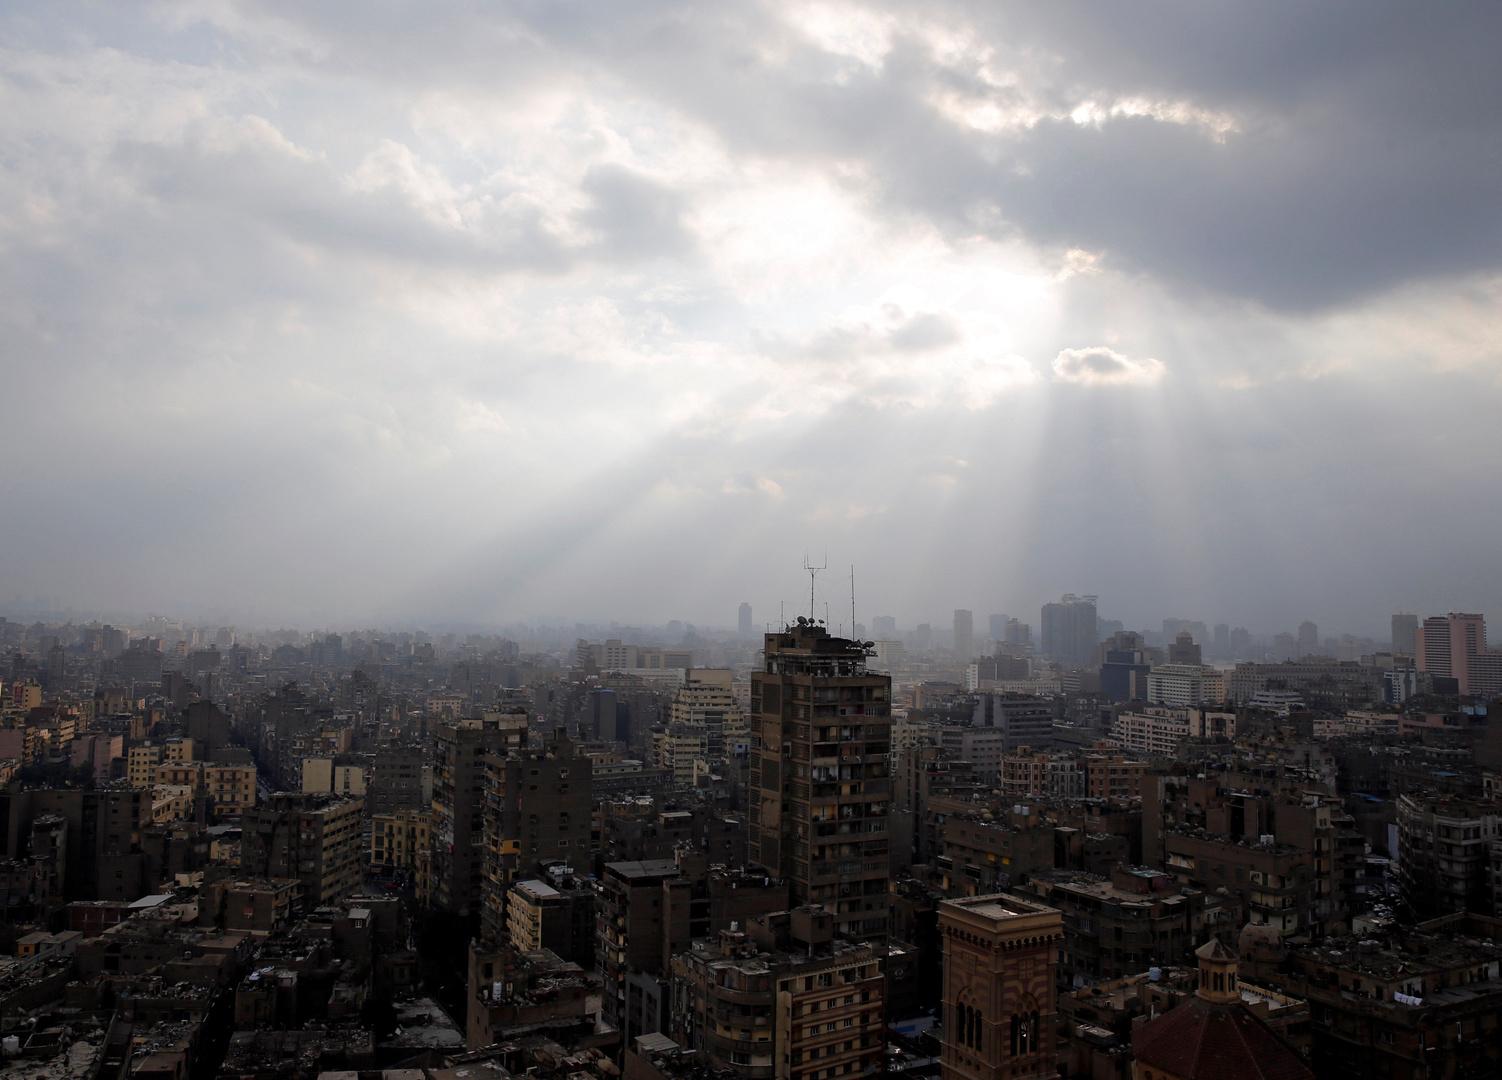 وزارة الري المصرية تعلن تعرض البلاد لظاهرة غريبة